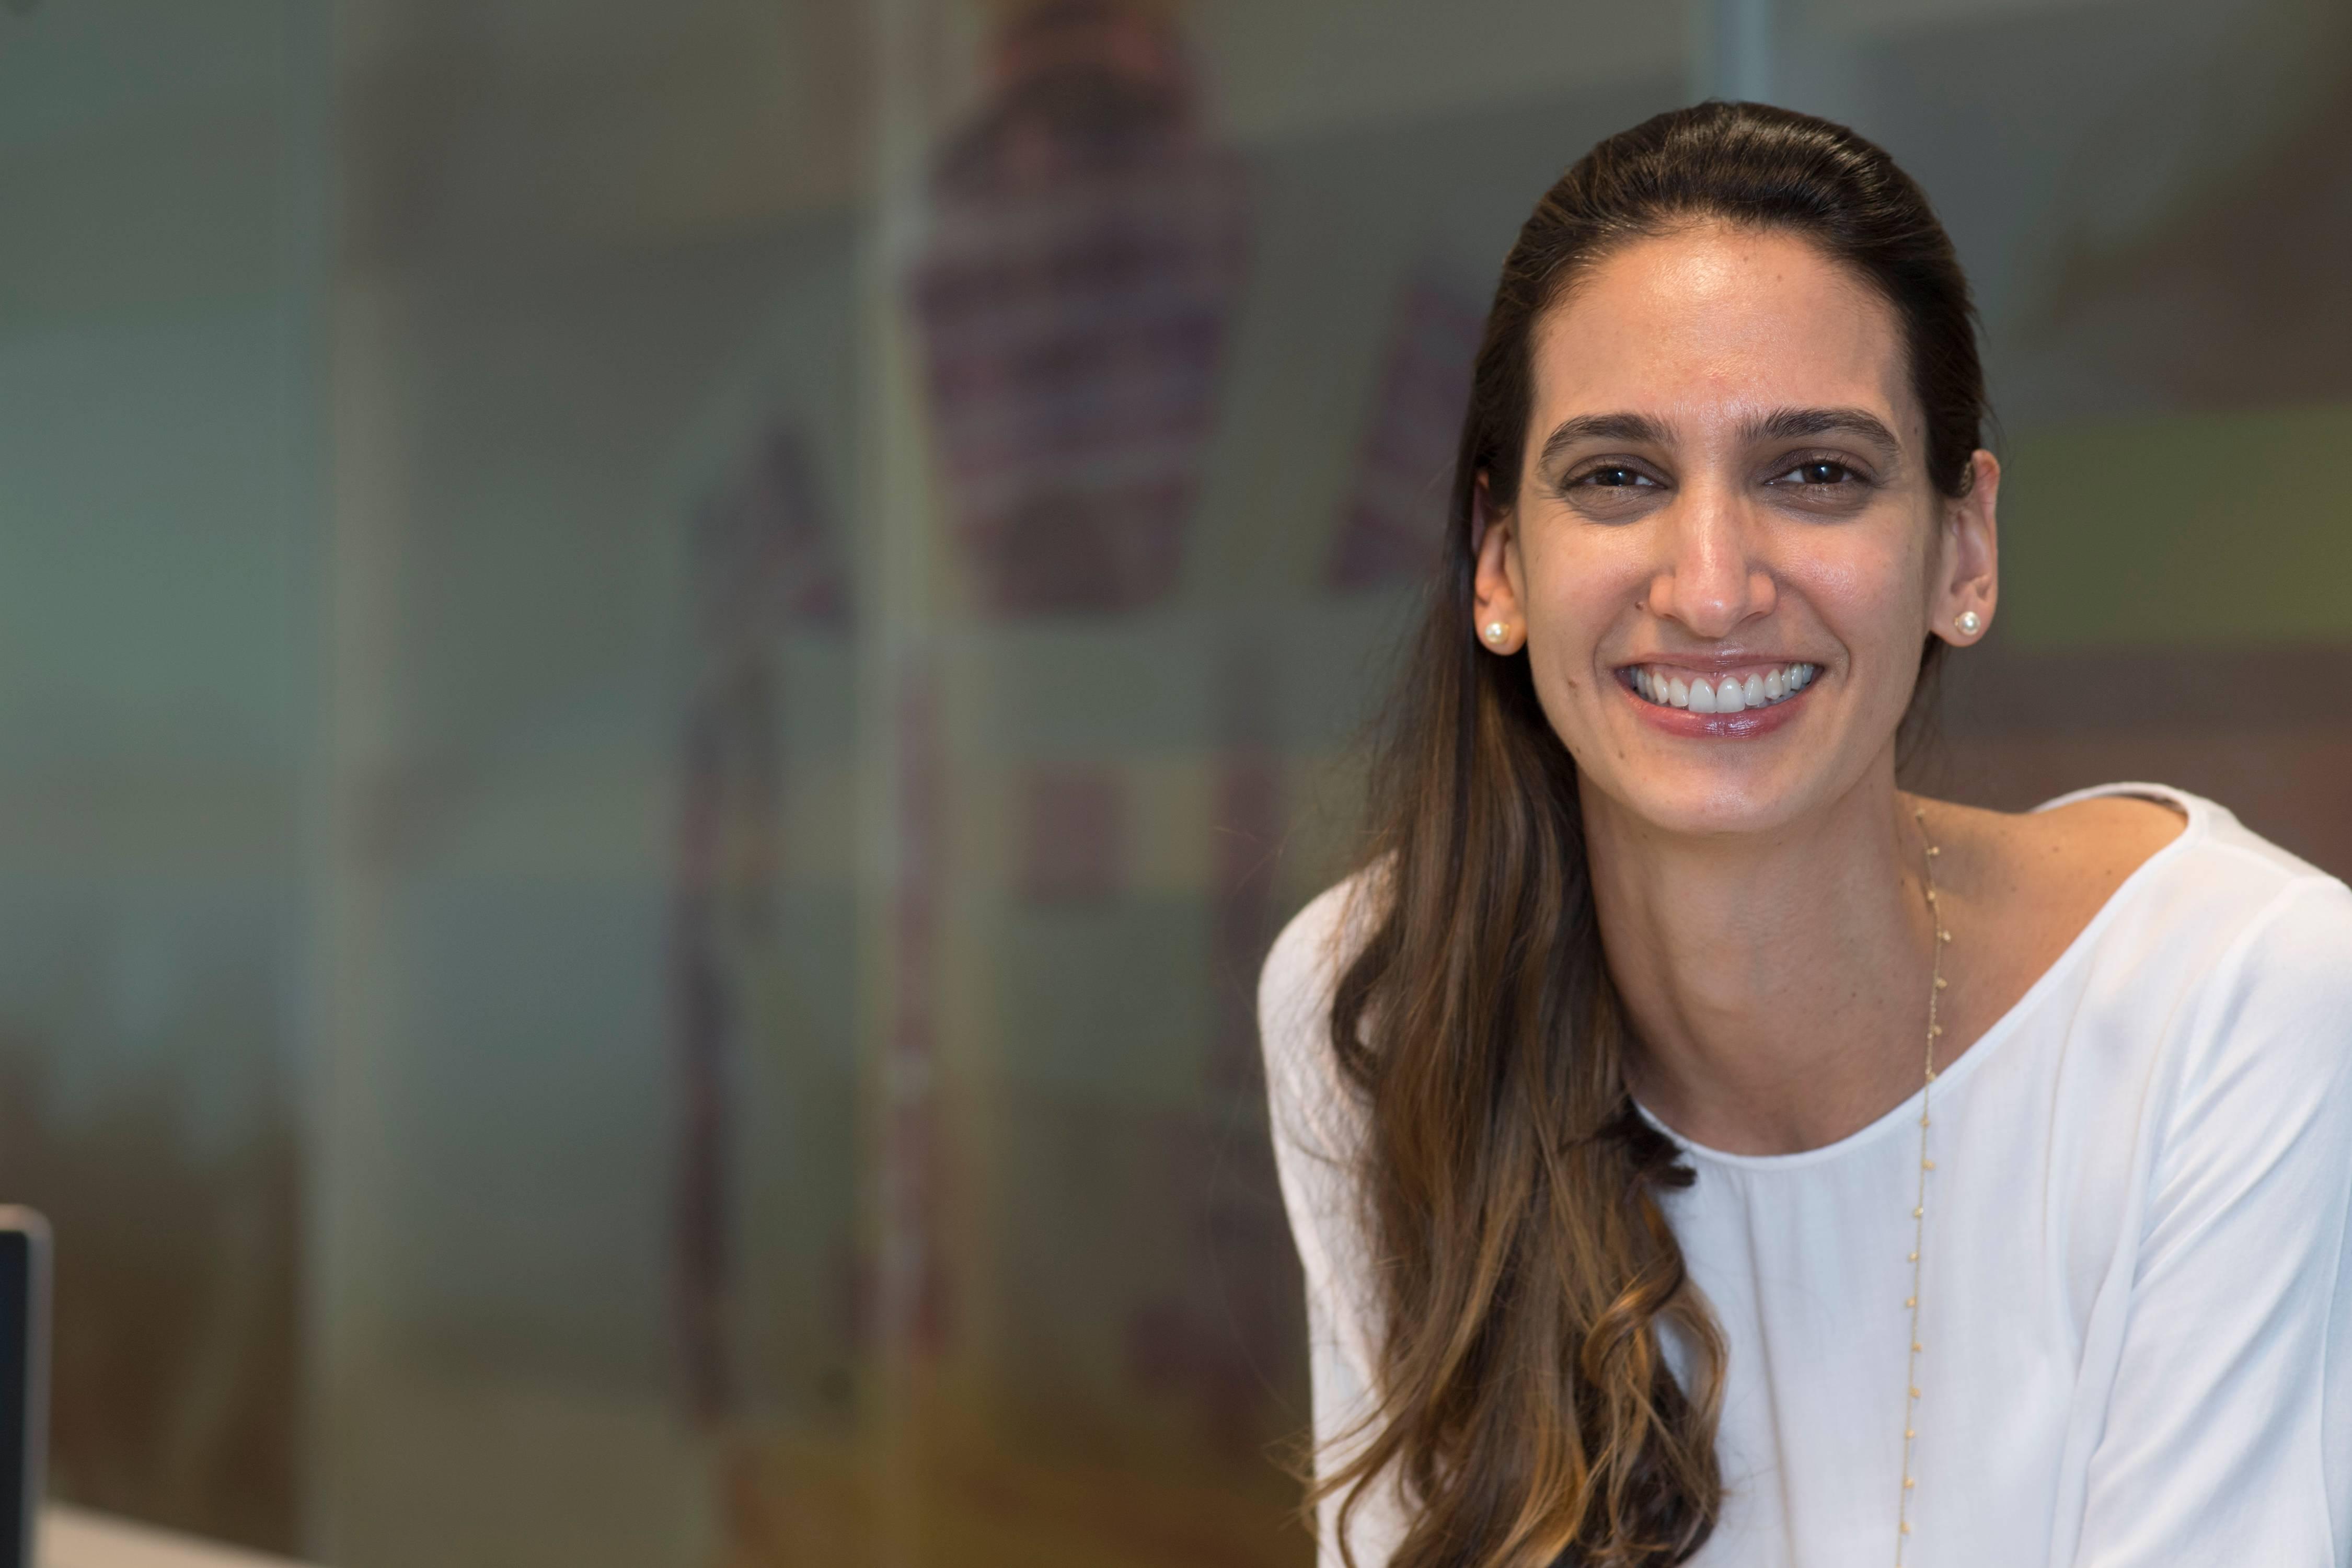 Beatriz Montiani, diretora de inovação da Visa do Brasil. Líder em pagamentos mundial, a marca aposta em programas de aceleração e desenvolvimentos de startups e fintechs como maneira de criar inovação para a empresa. Foto: Marcelo Soubhia.